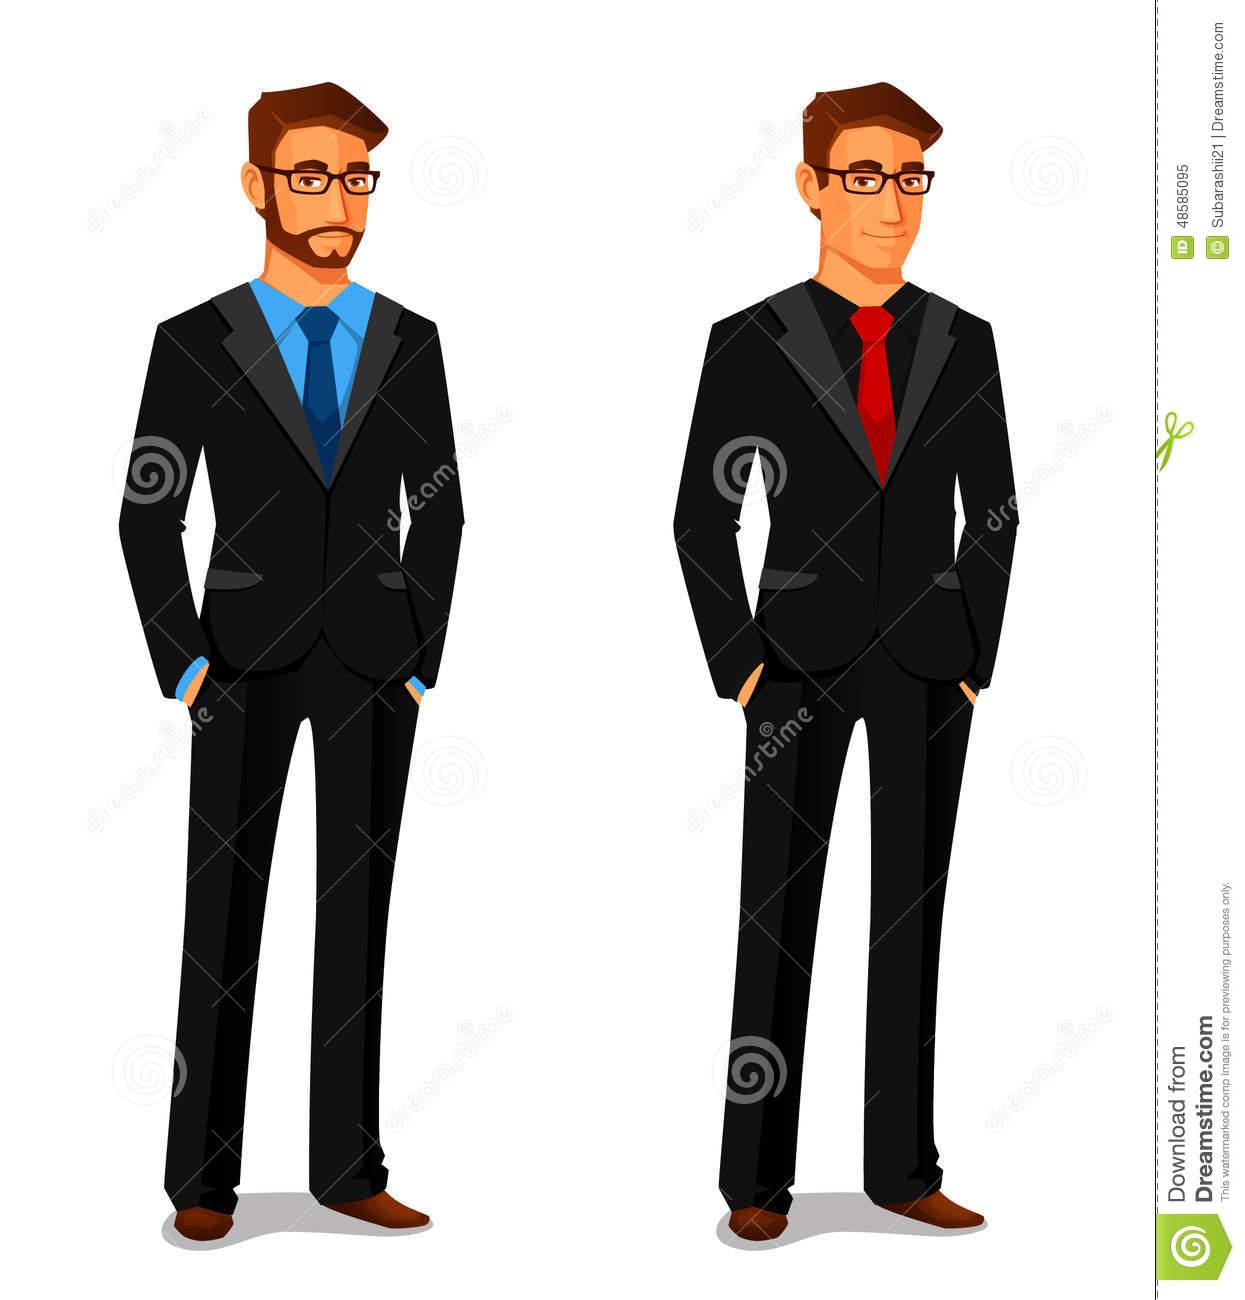 Frau im anzug clipart clipart royalty free download Junger Mann Und Frau Im Anzug Vektor Abbildung - Bild: 43765756 clipart royalty free download